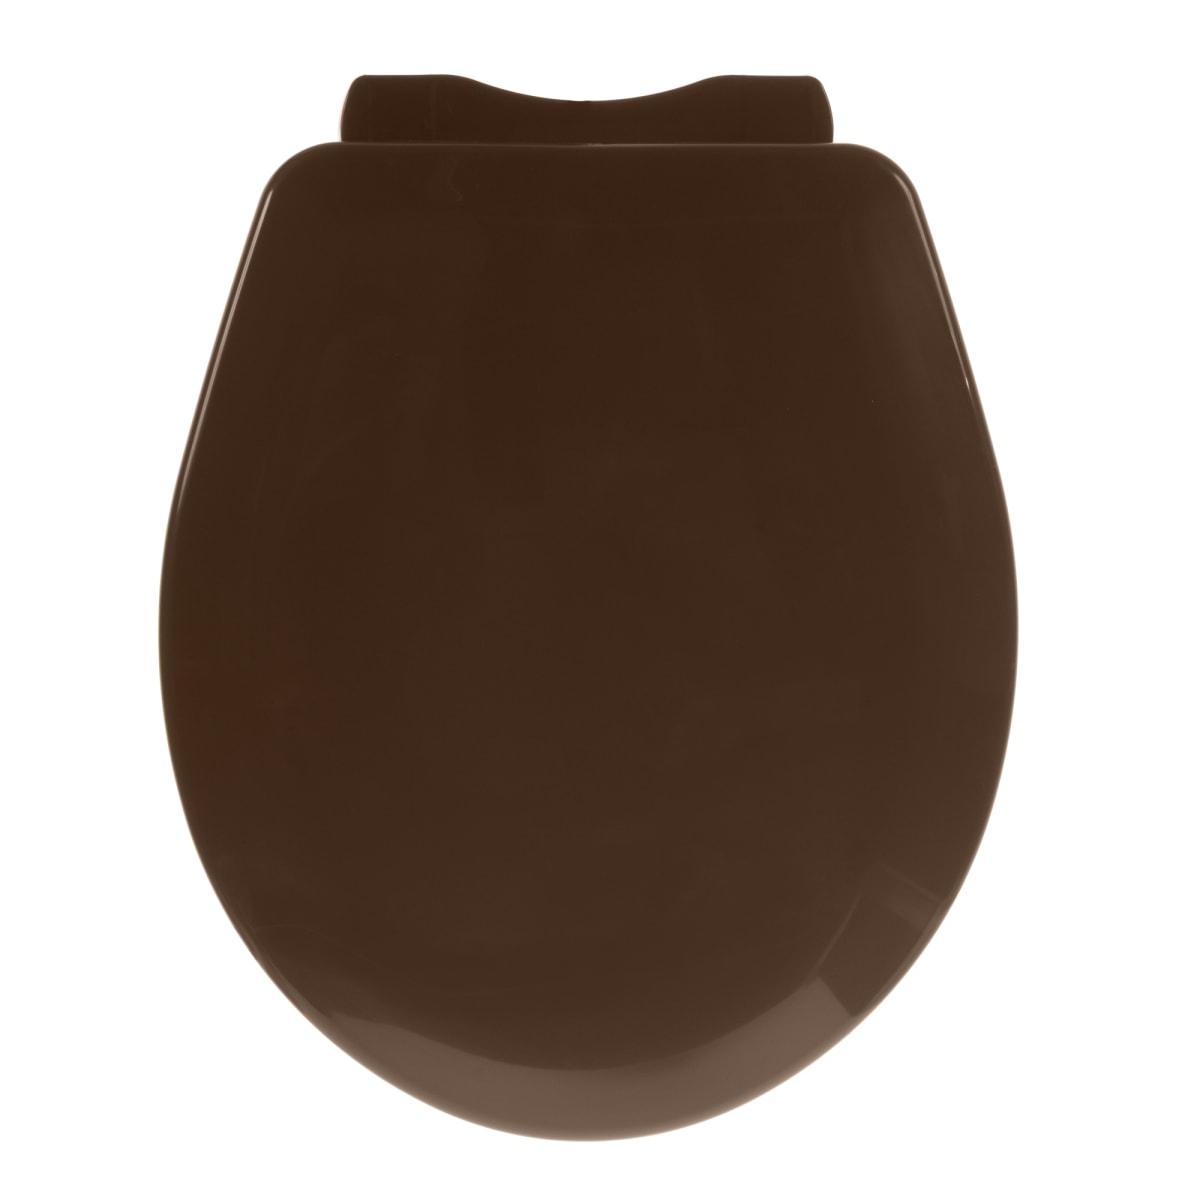 Сиденье для унитаза Орио универсальное, цвет коричневый